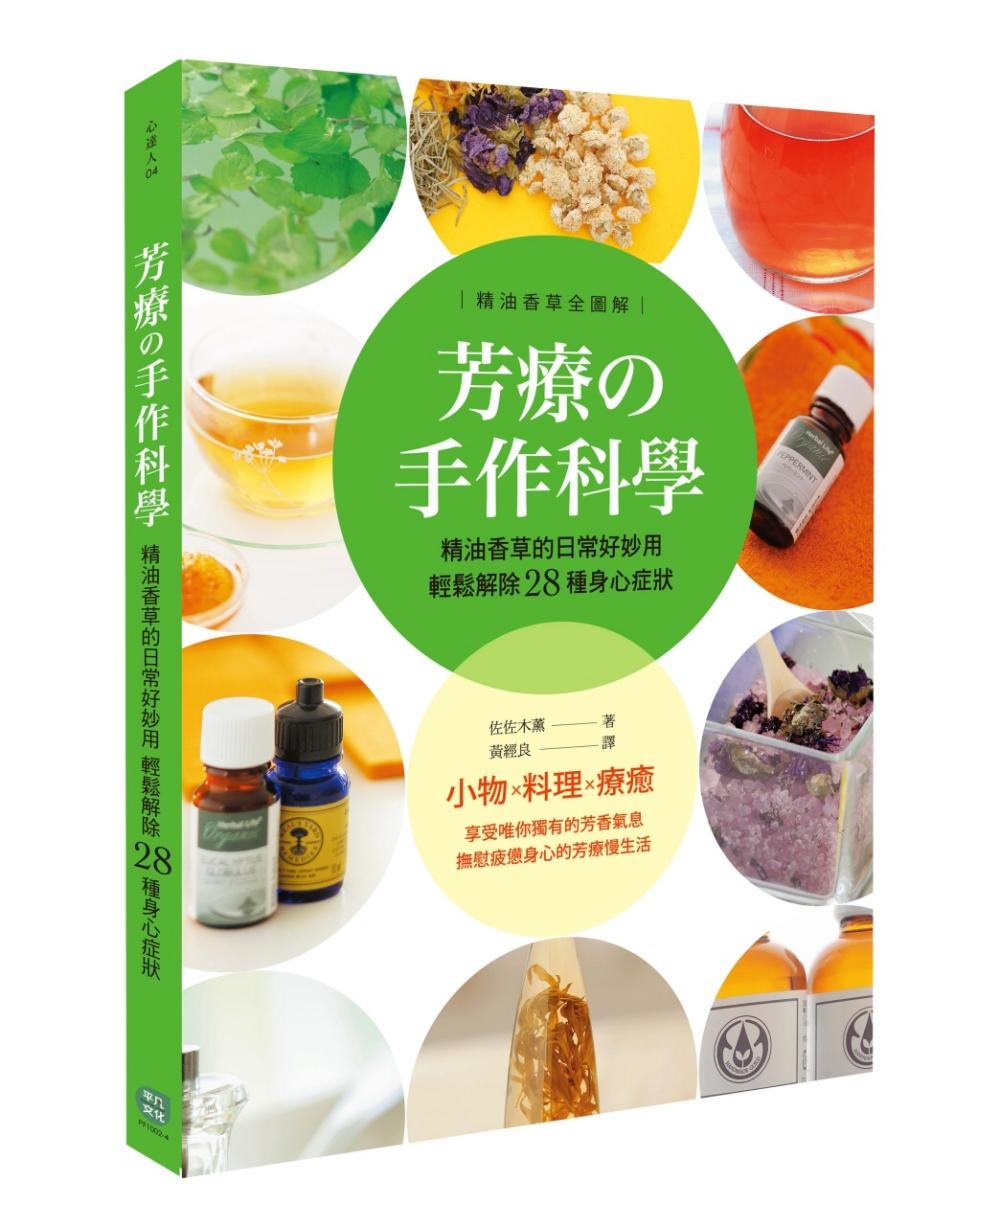 芳療の手作科學:精油香草的日常好妙用,輕鬆解除28種身心症狀